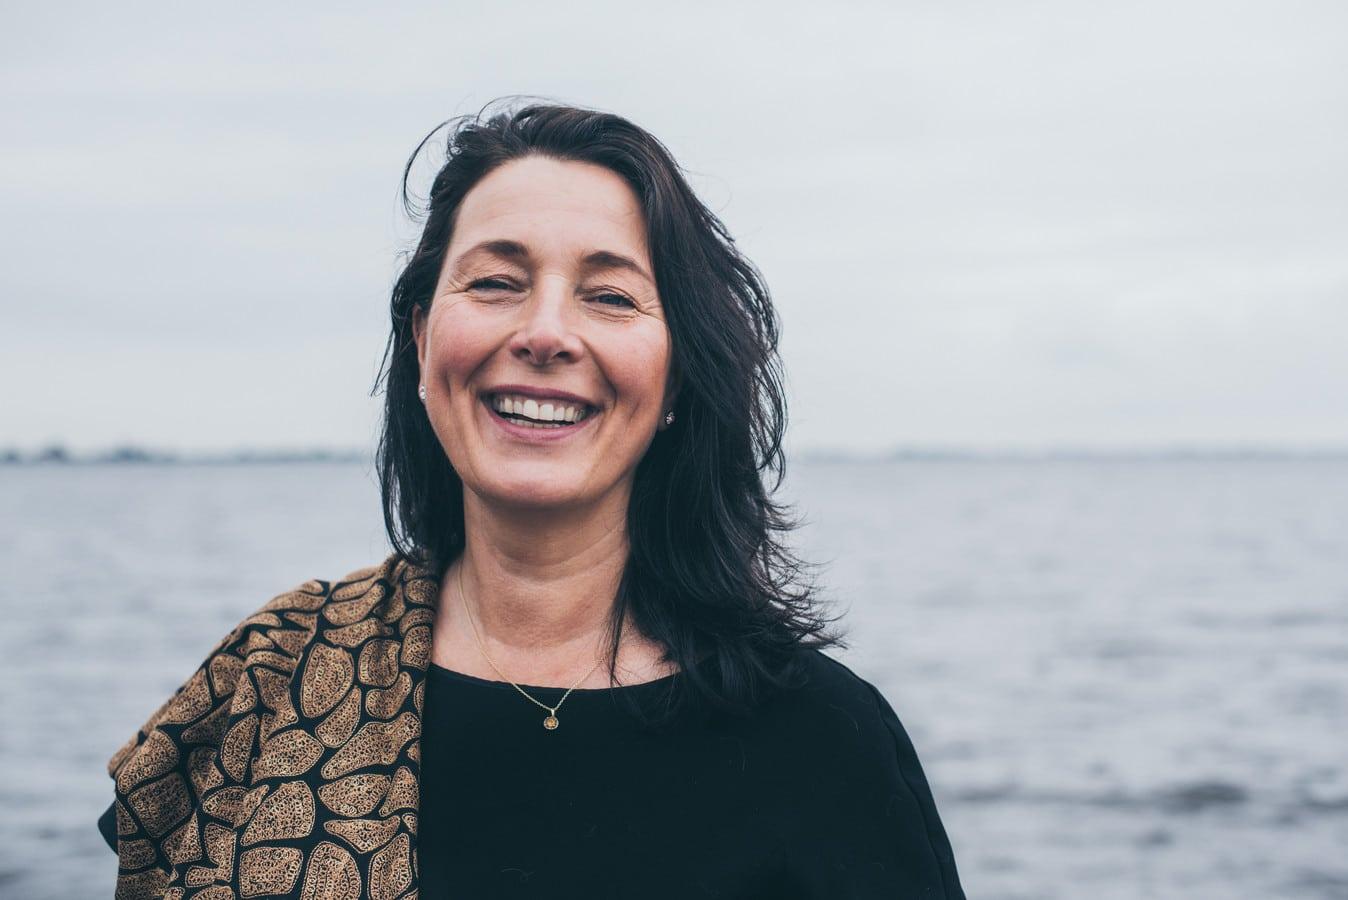 Anna Maria Giannattasio, Puur, Amsterdam, Event, expert